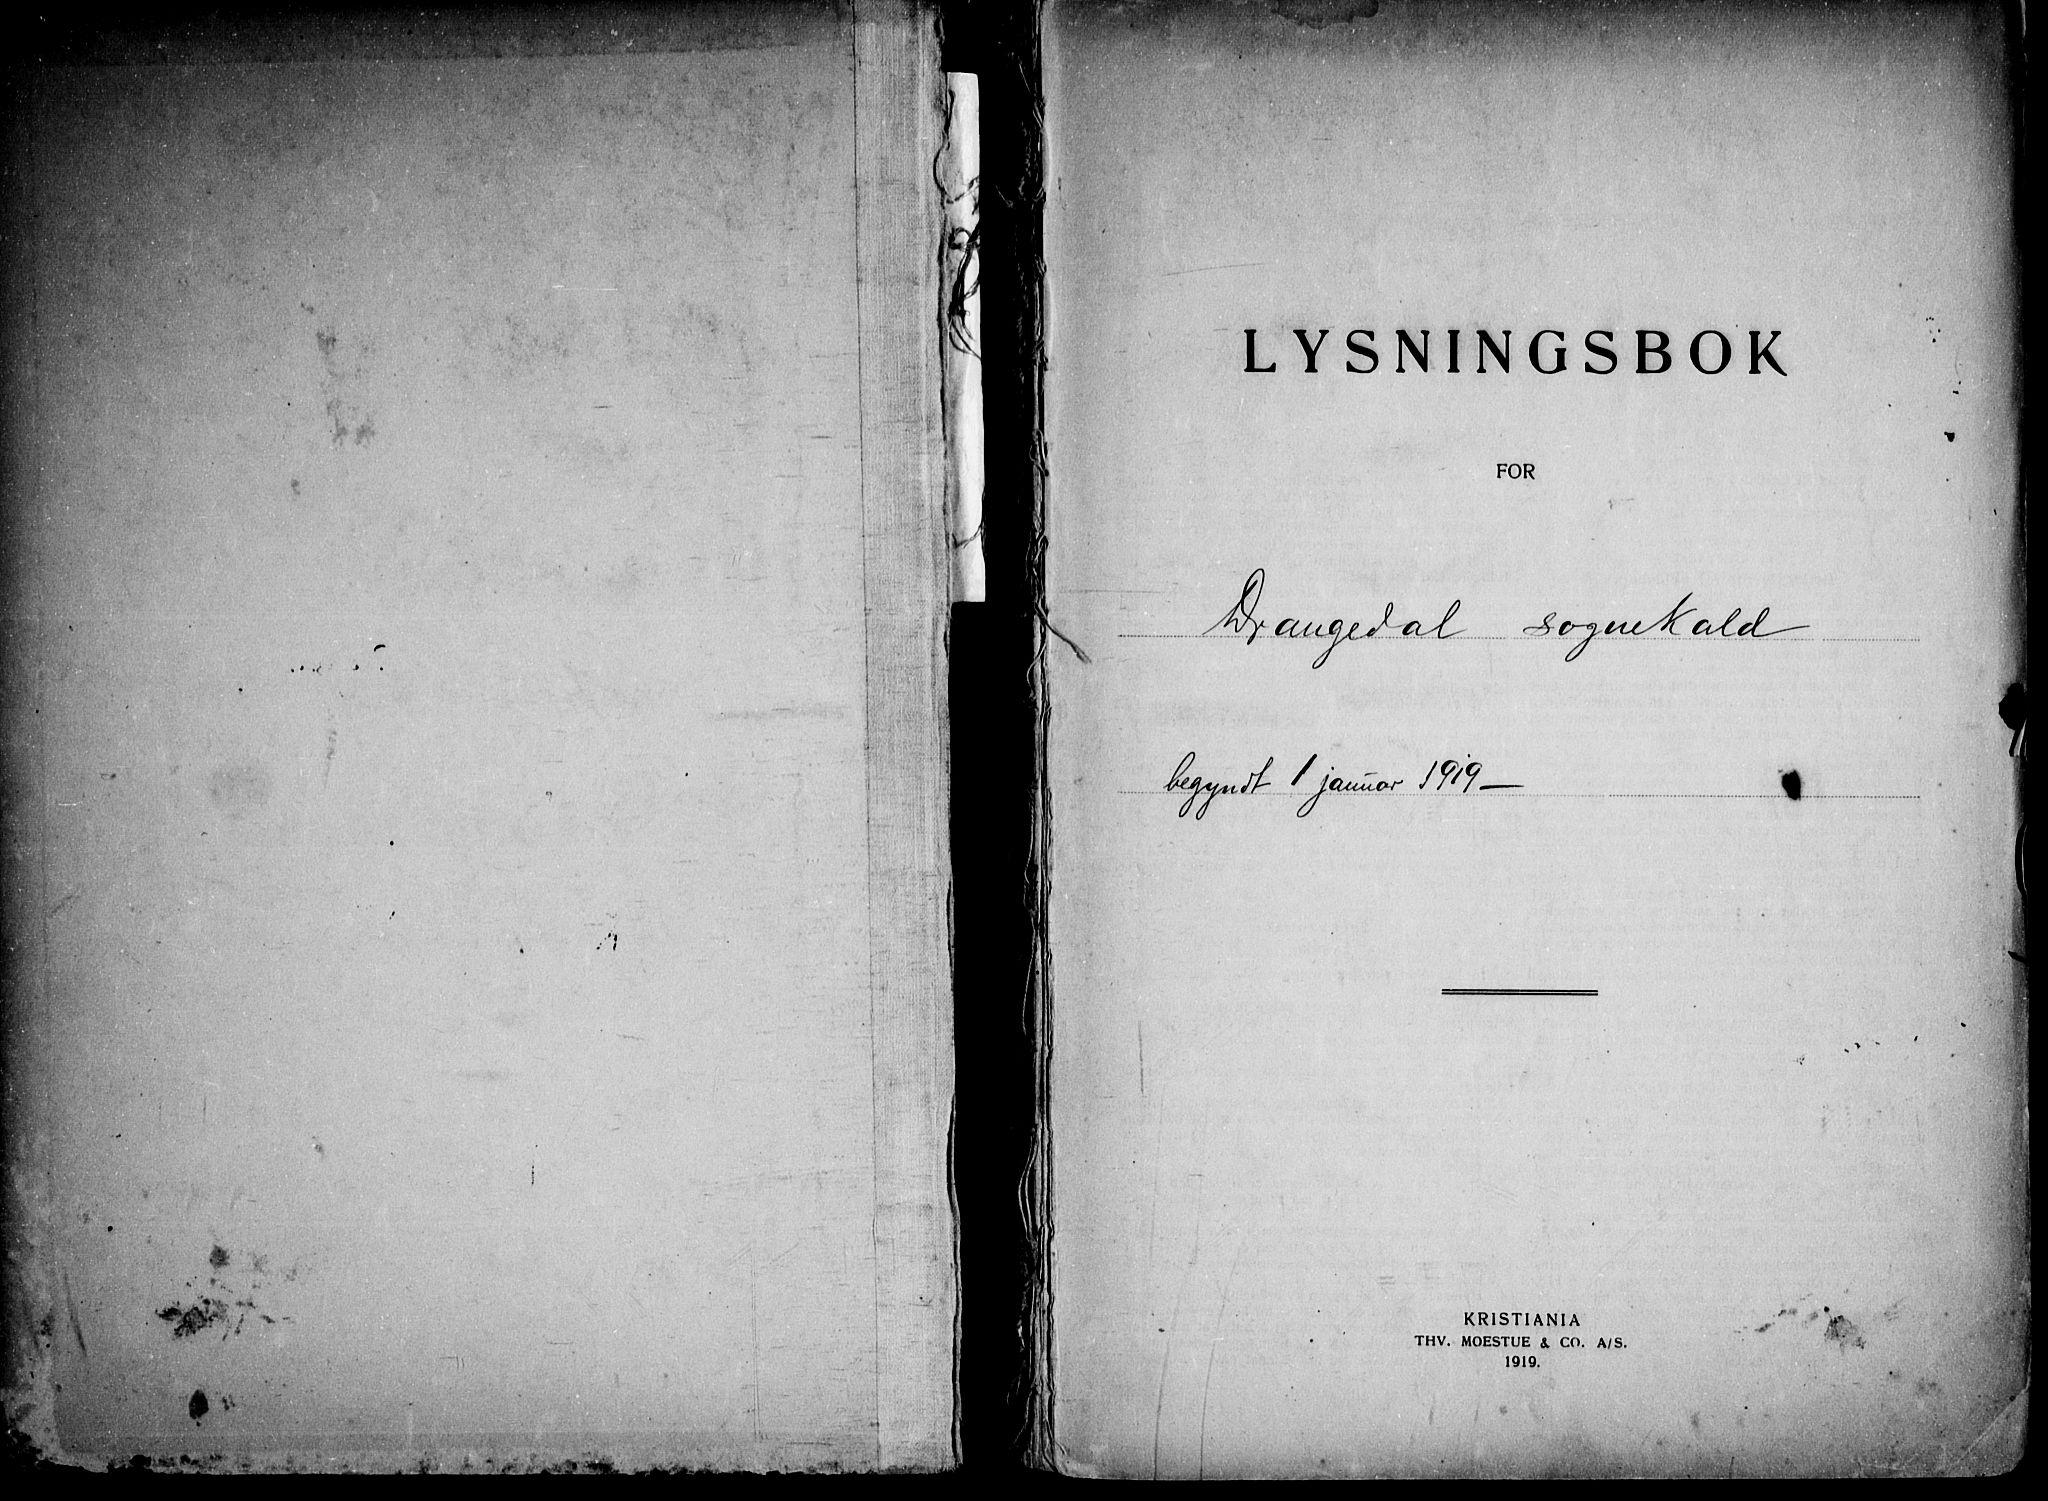 SAKO, Drangedal kirkebøker, H/Ha/L0001: Lysningsprotokoll nr. 1, 1919-1952